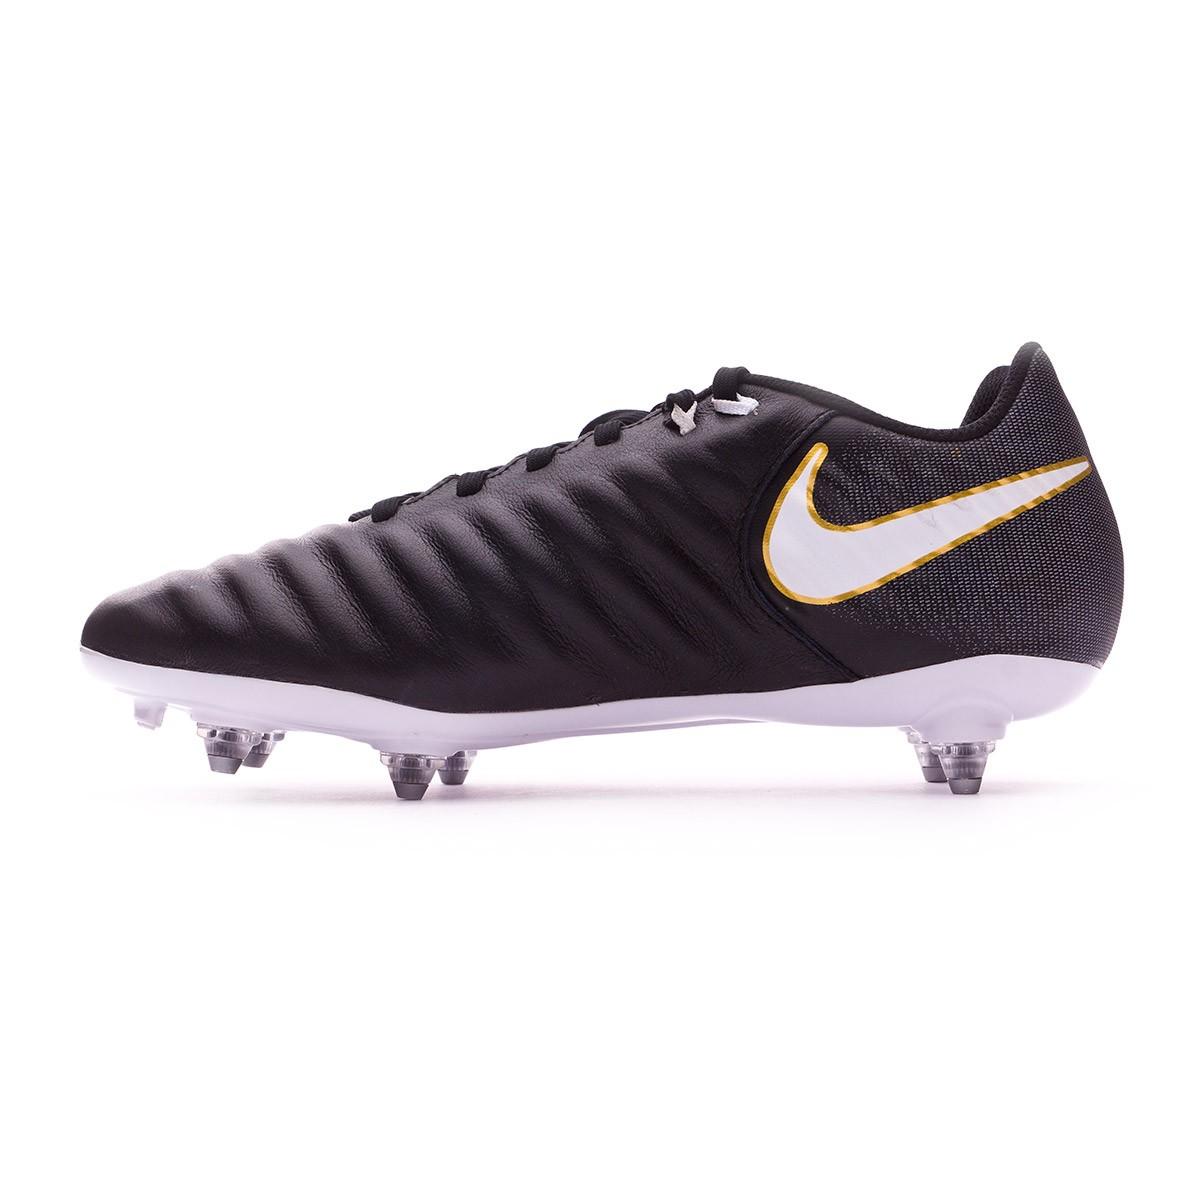 789abd2bb7f Bota de fútbol Nike Tiempo Ligera IV SG Black-White - Tienda de fútbol  Fútbol Emotion